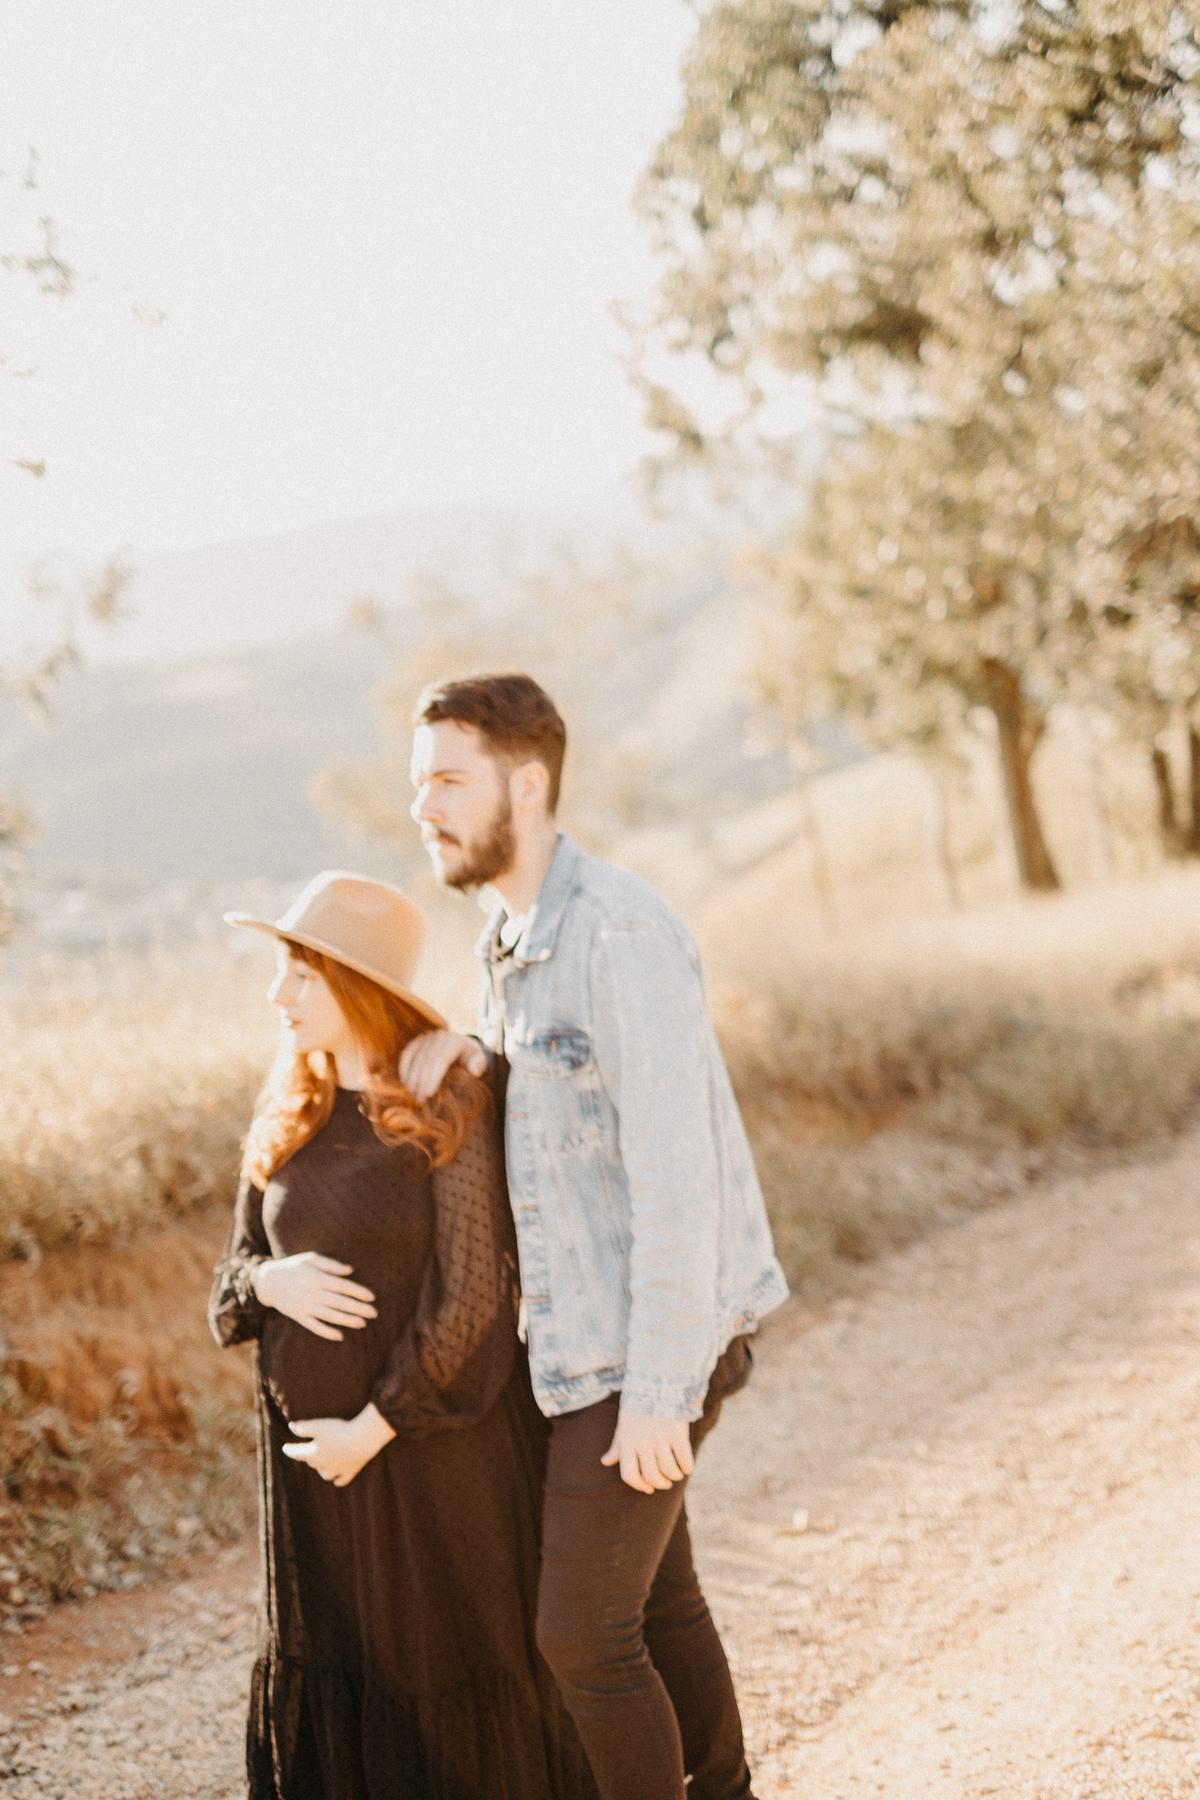 ensaio gestante ensaio pre wedding fotografia de familia fotografos de familia casal estiloso noiva de botas e chapeu ensaio morro do capuava pirapora do bom jesus